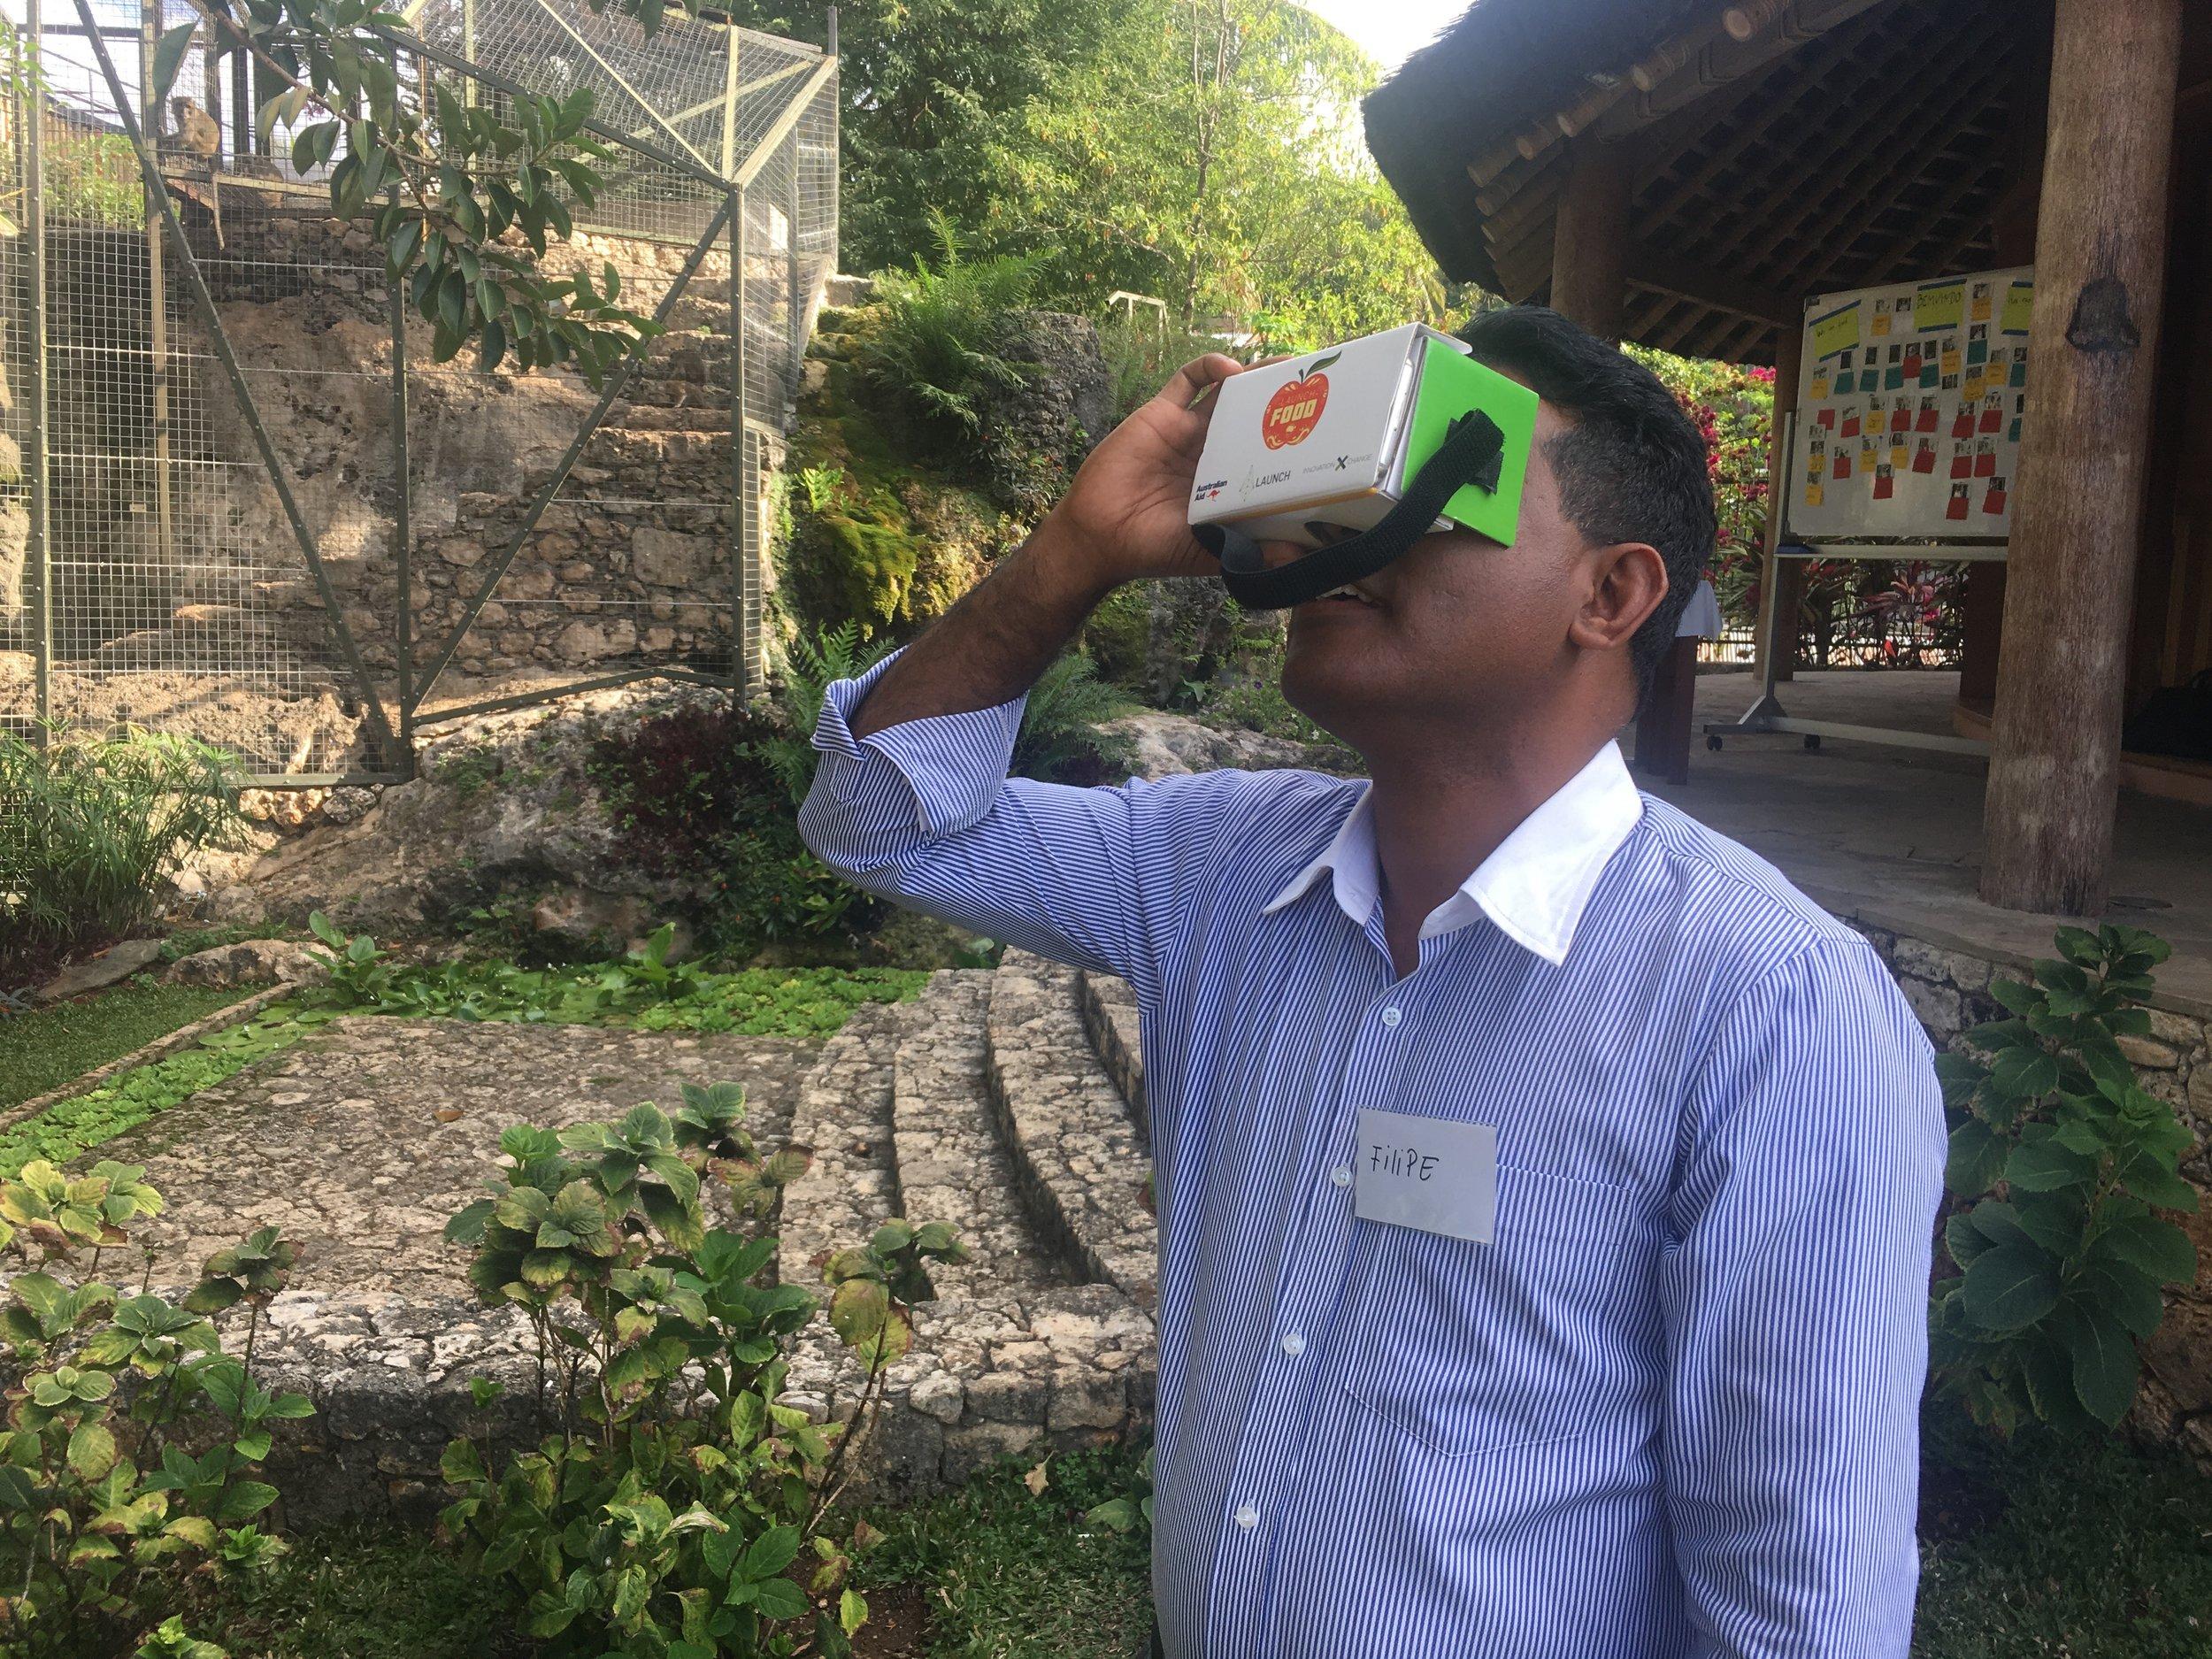 Presidential Advisor Sr. Filipe da Costa engaging in a VR experience in Baucau, Timor-Leste photo by Davar Ardalan